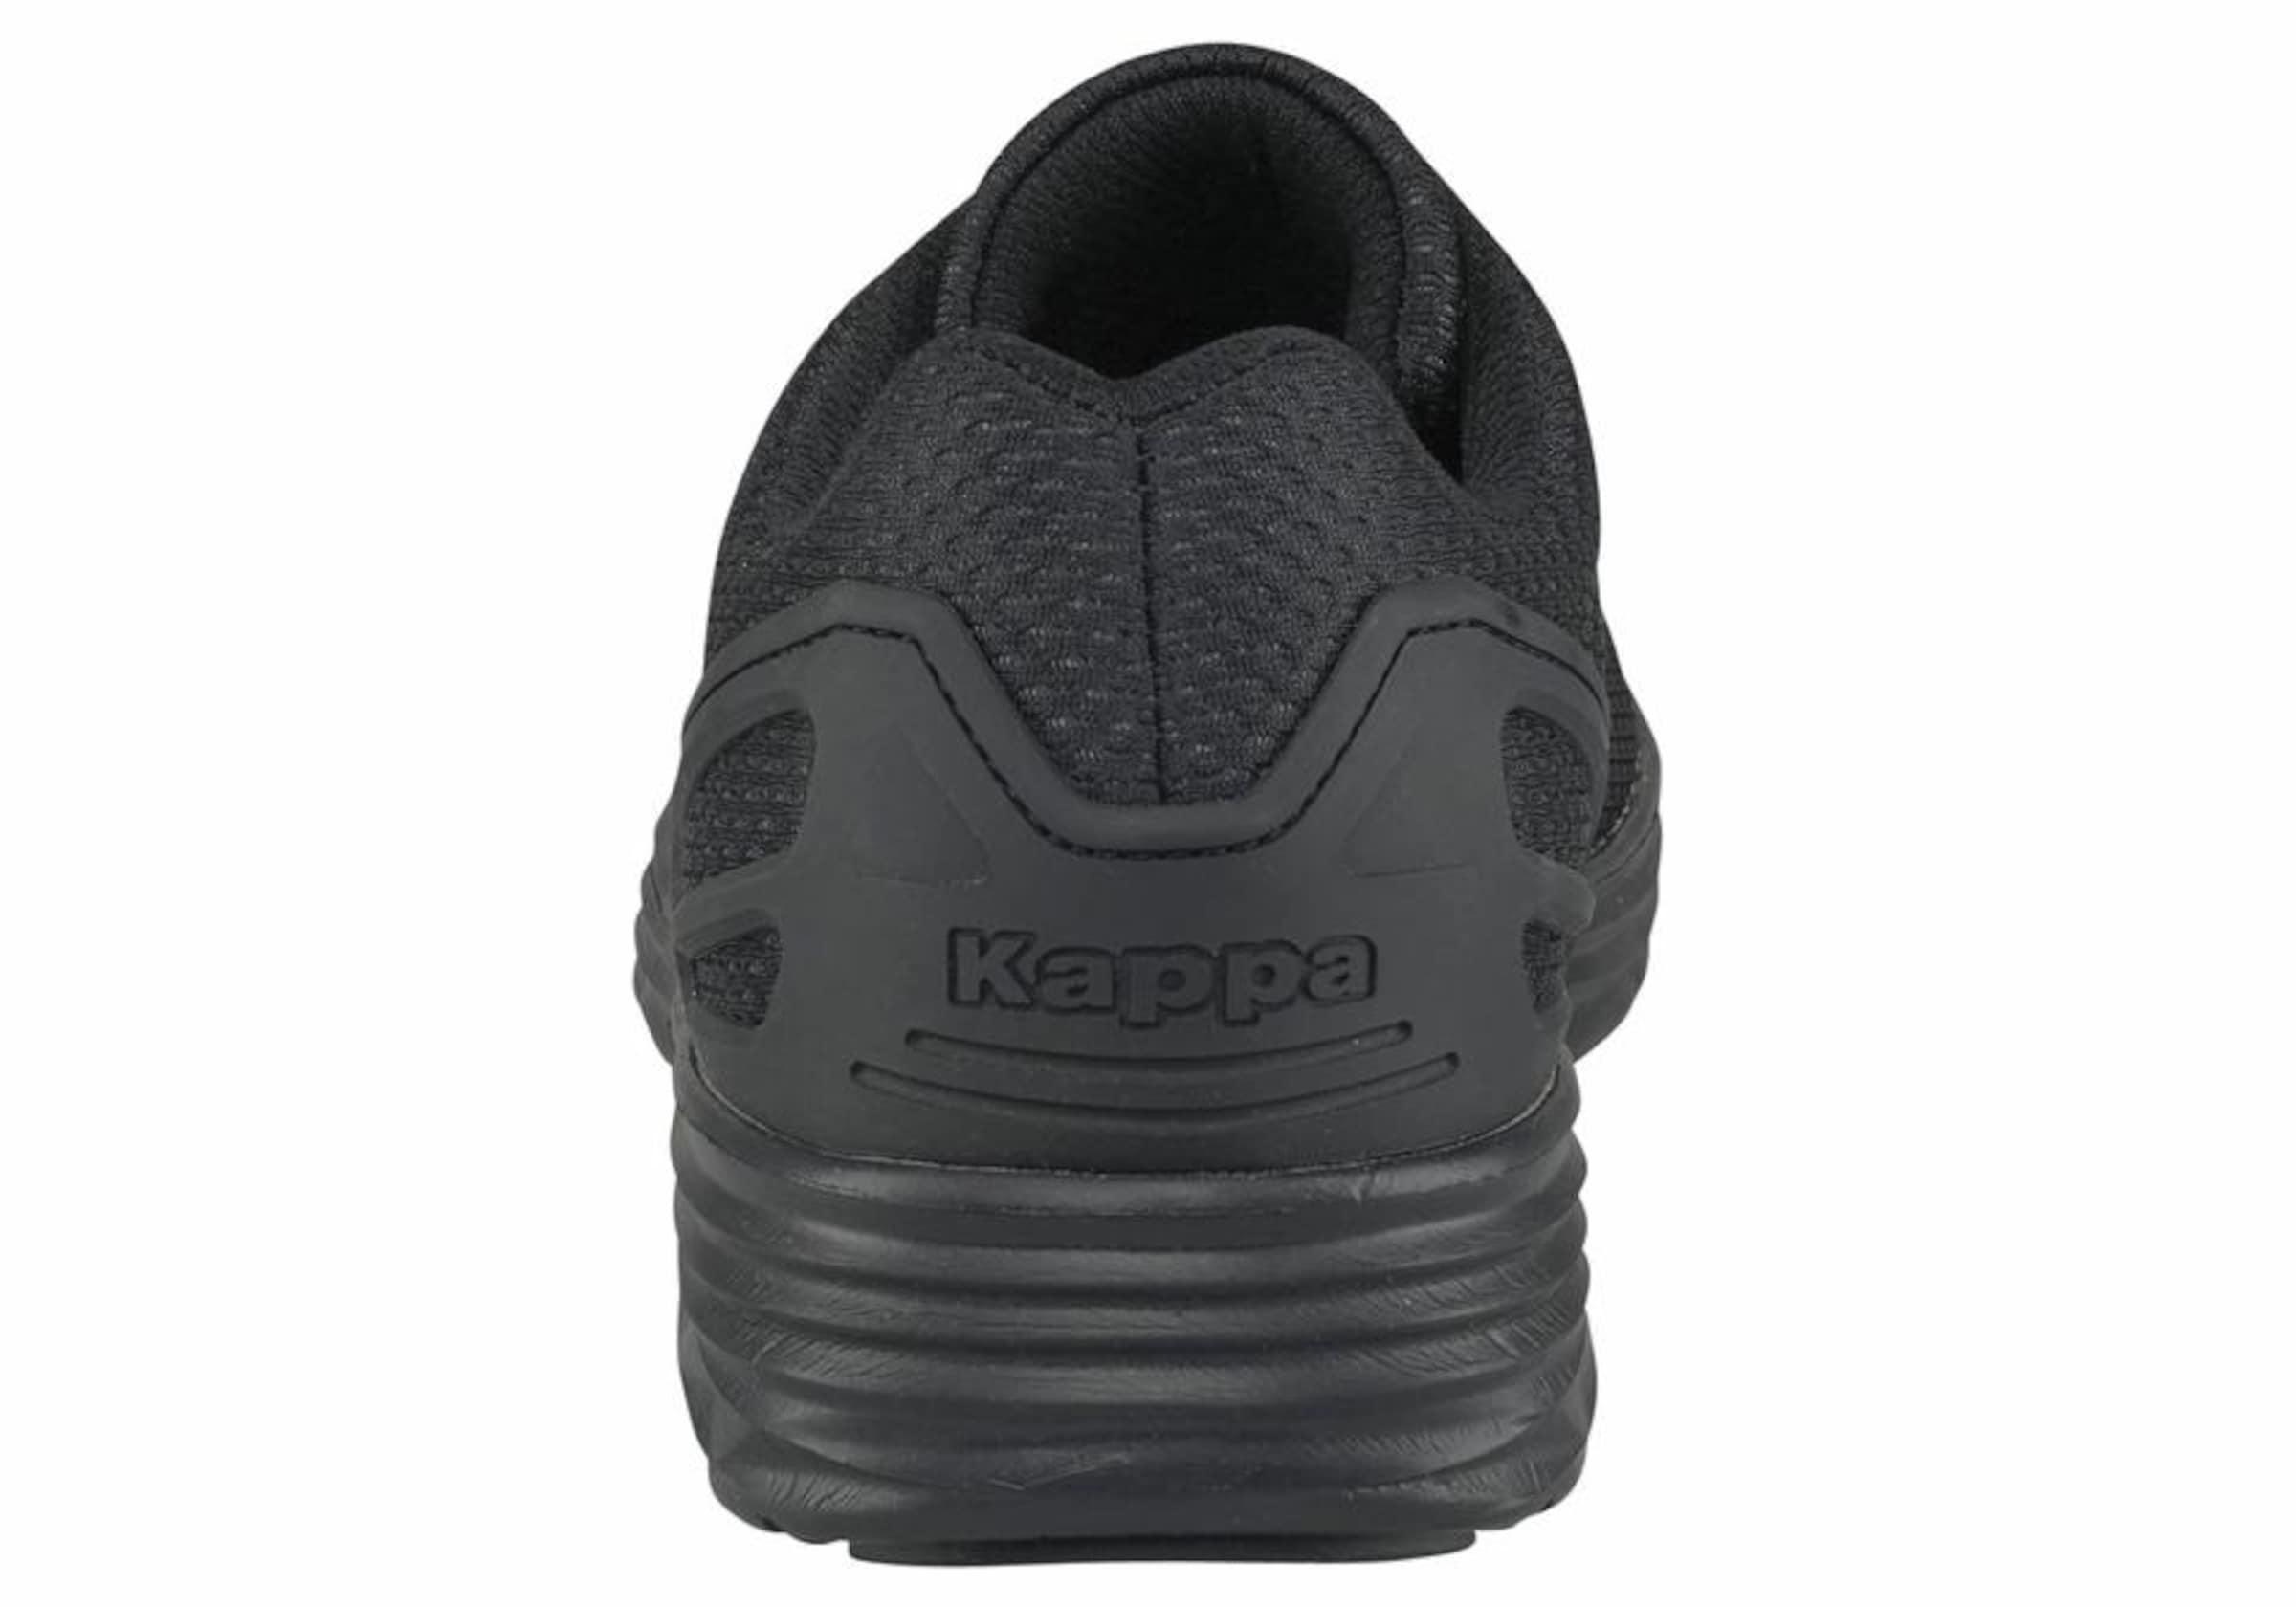 Kappa Schwarz Sneaker In Kappa In 'trust' Sneaker 'trust' j4R5LA